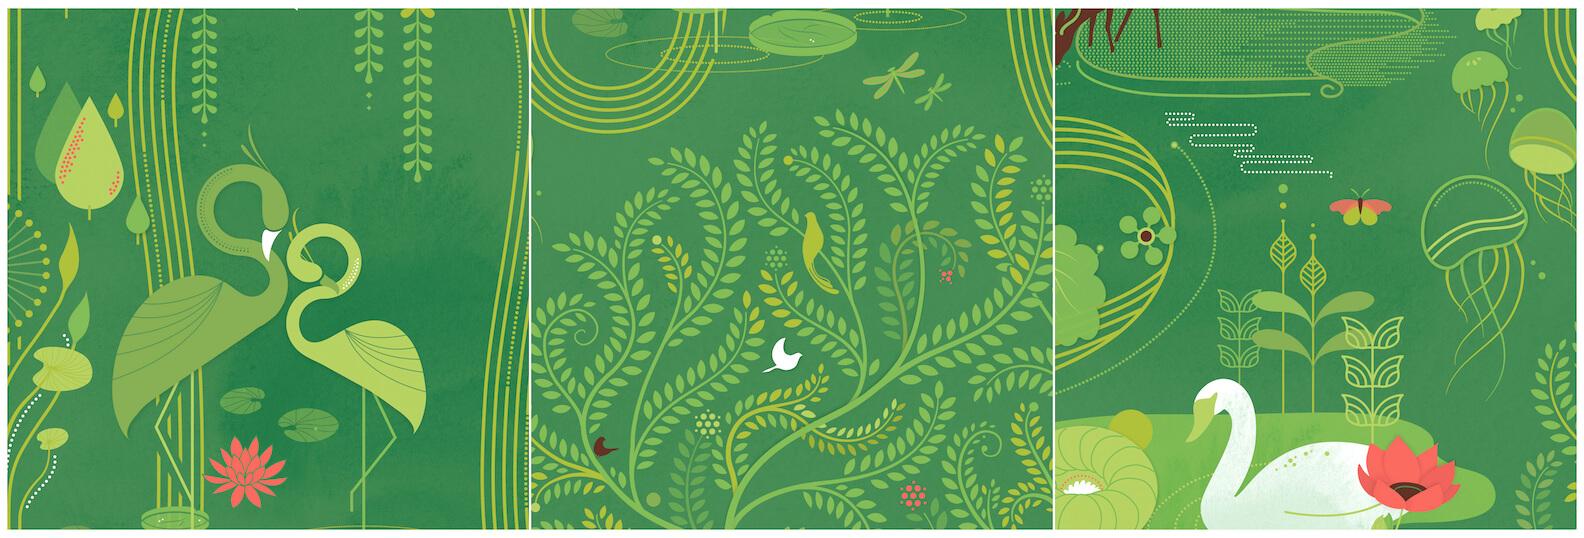 Naashta tiles-06.jpg